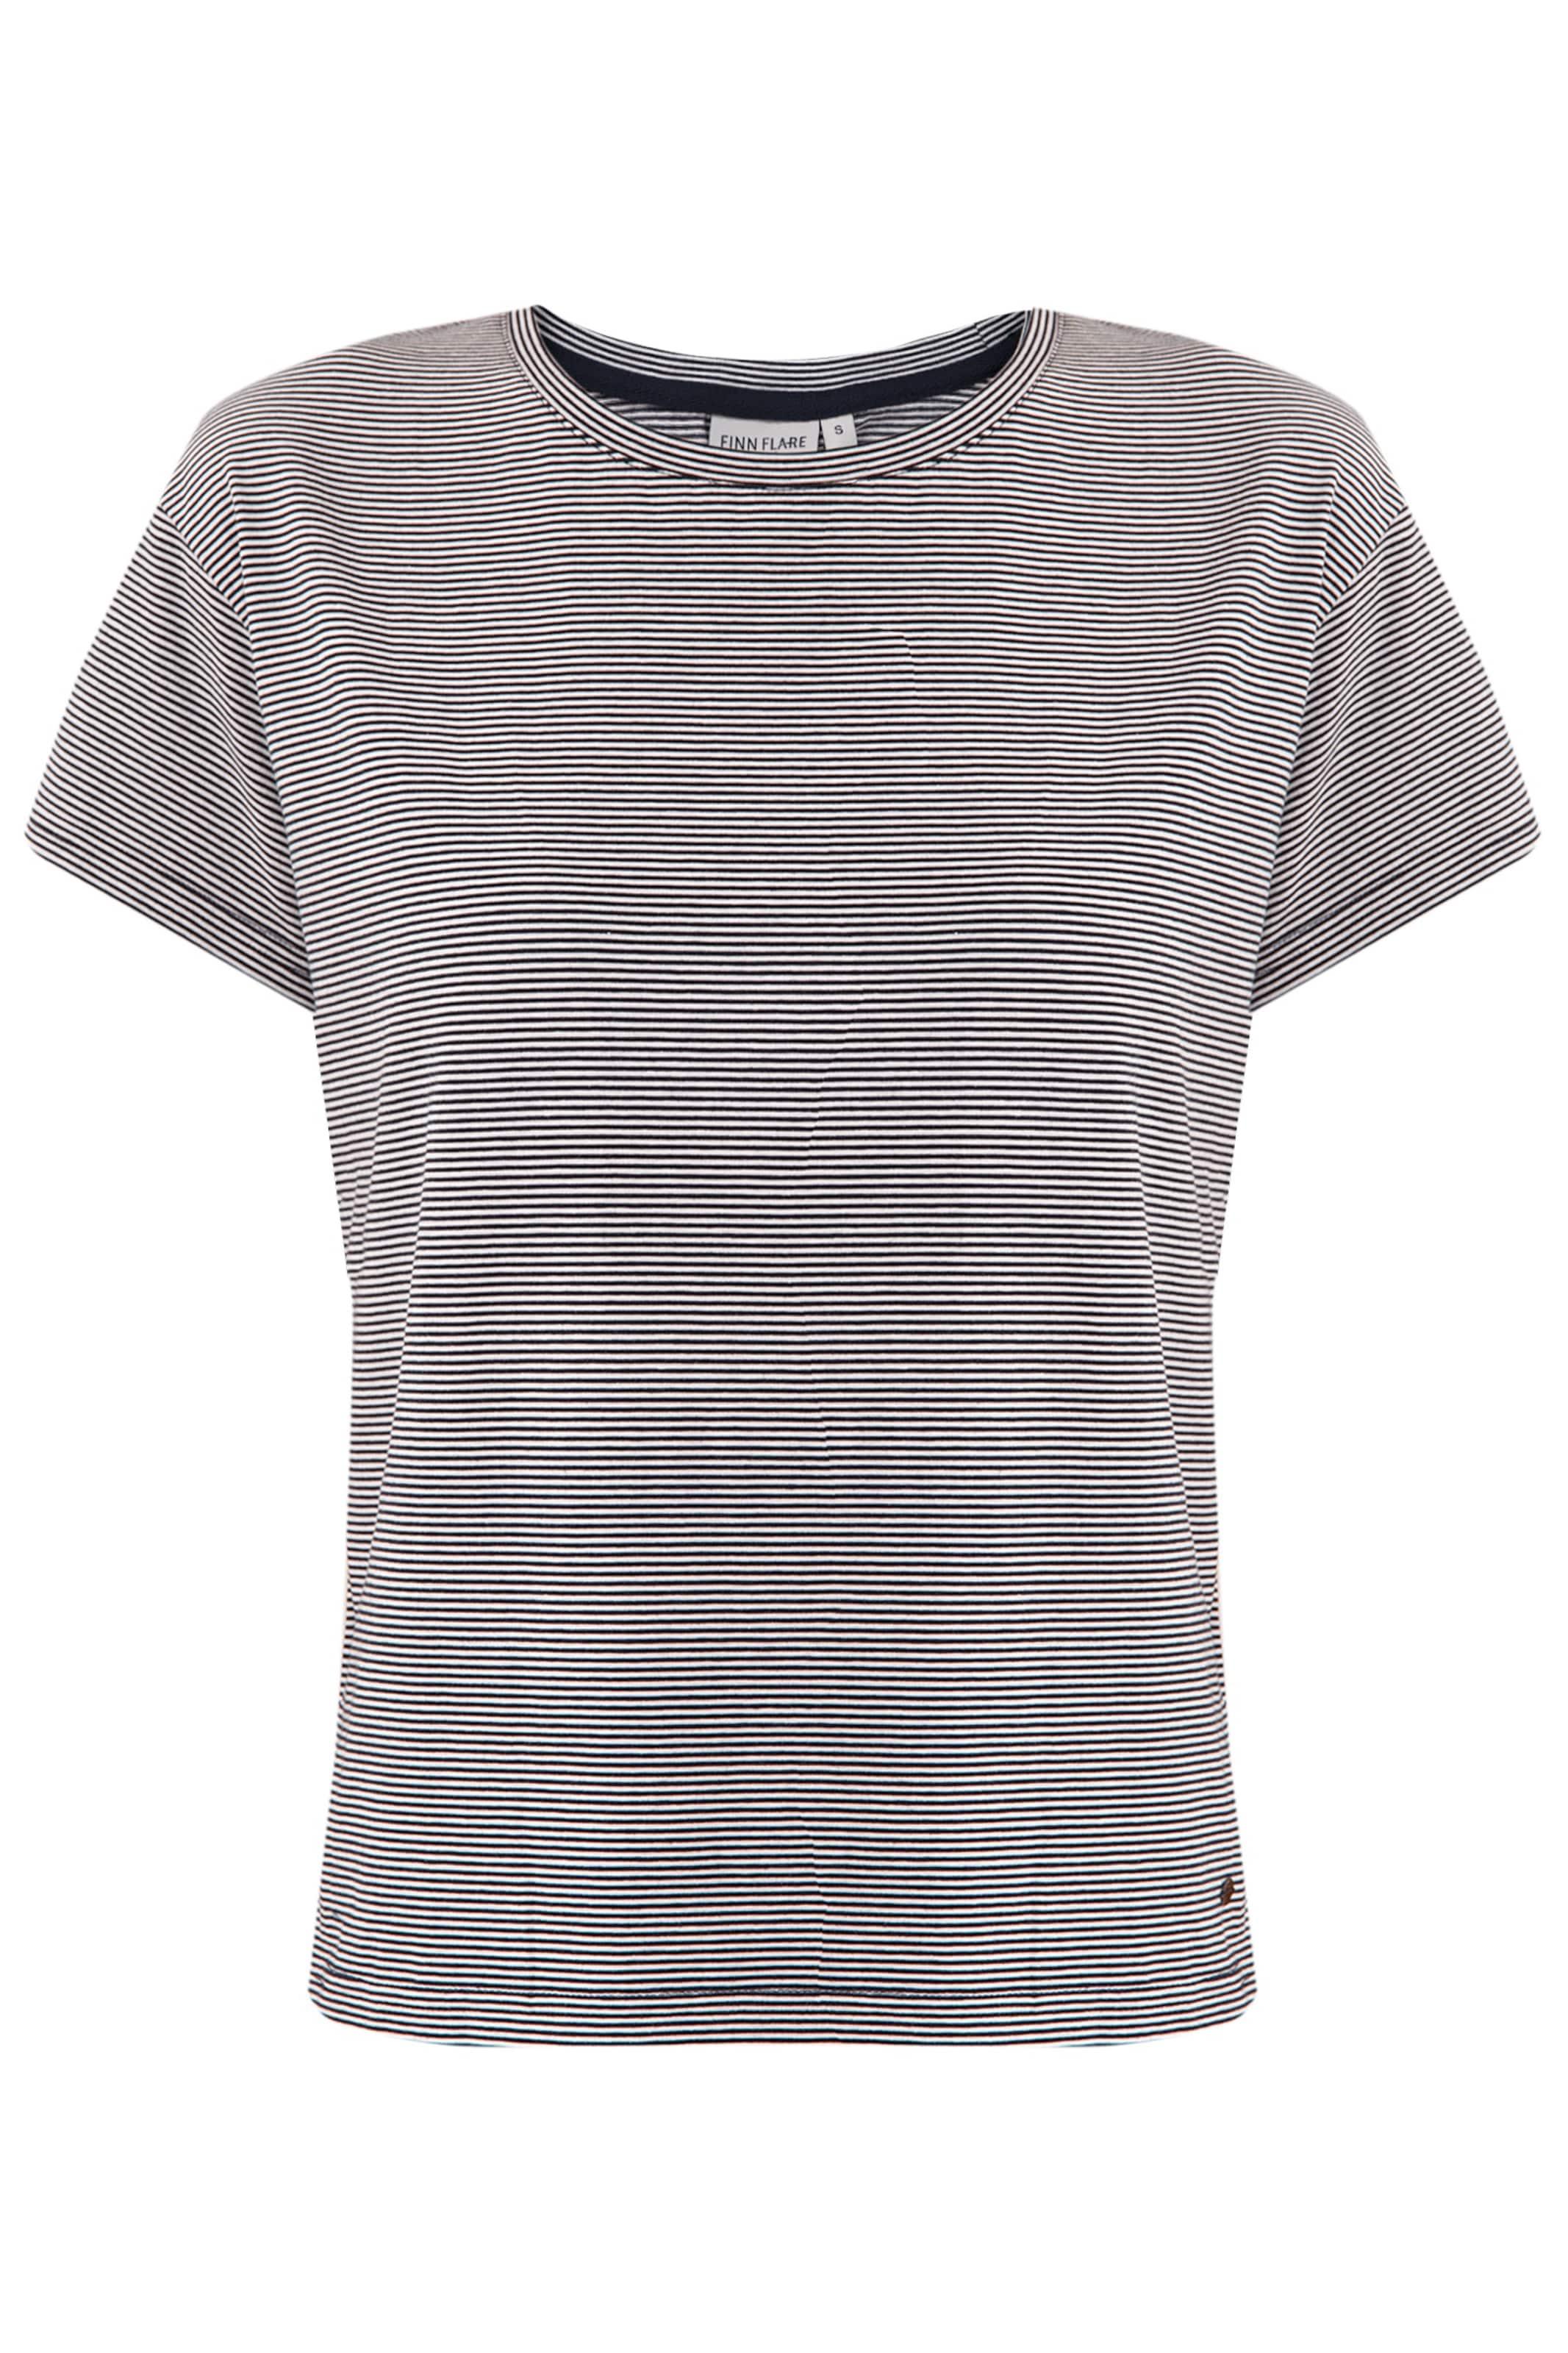 Finn shirt T NachtblauWeiß Flare In WHIDb2e9EY